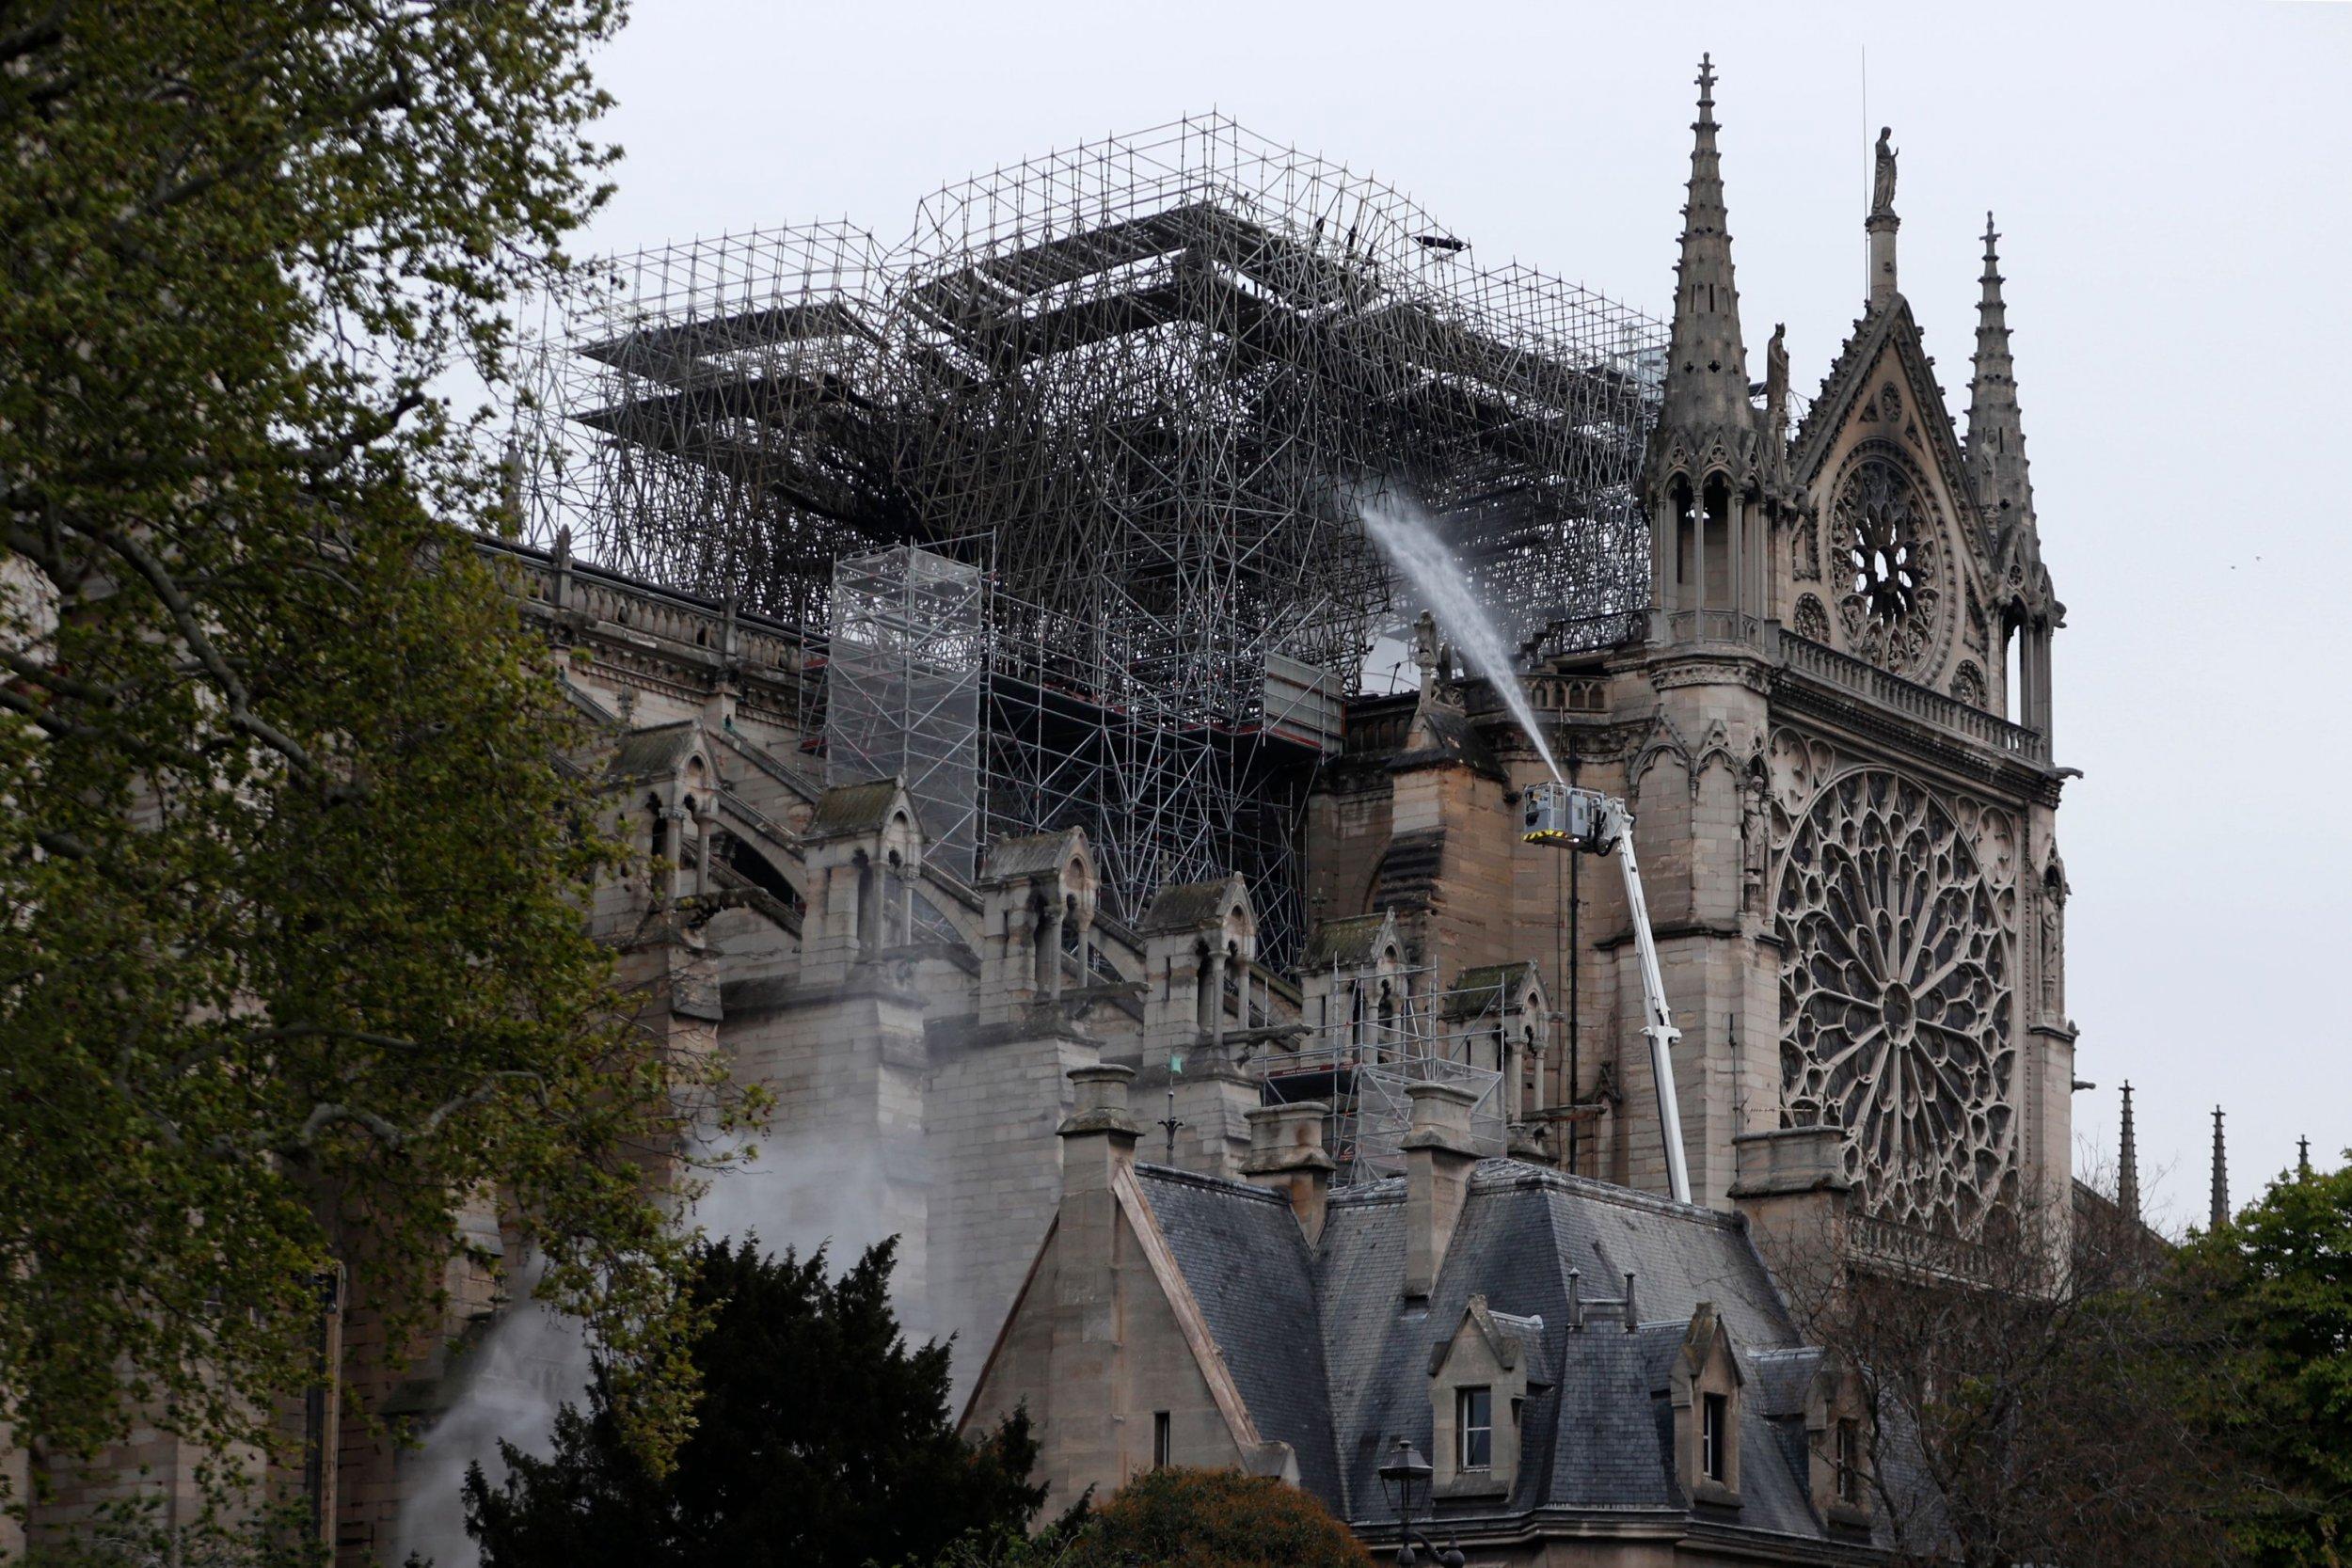 Notre Dame Glenn Beck 9/11